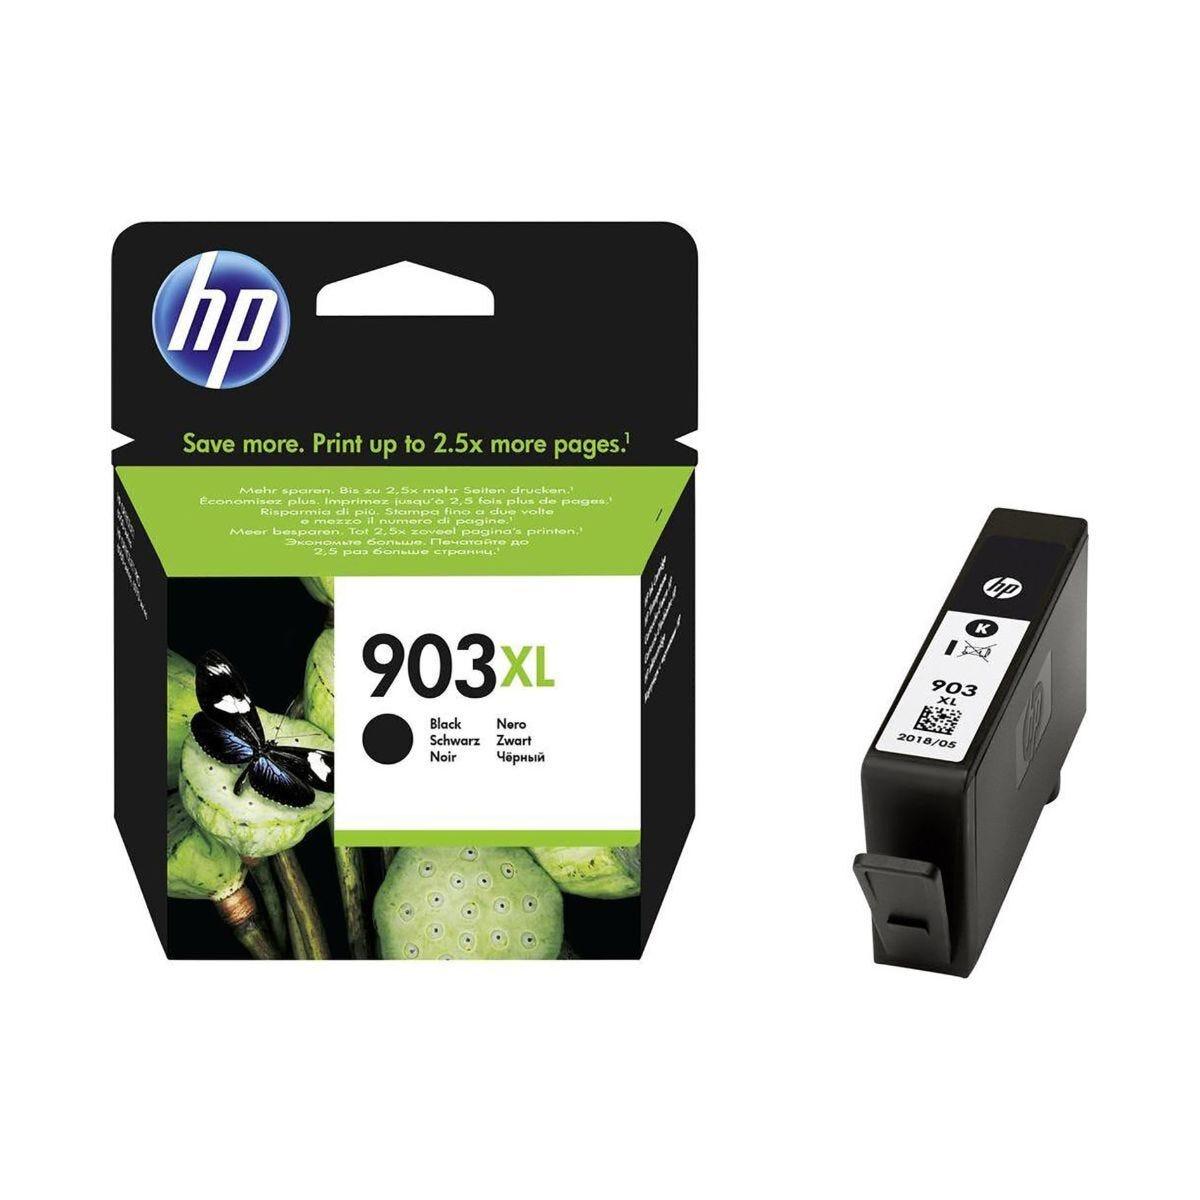 HP 903XL Ink Cartridge Black